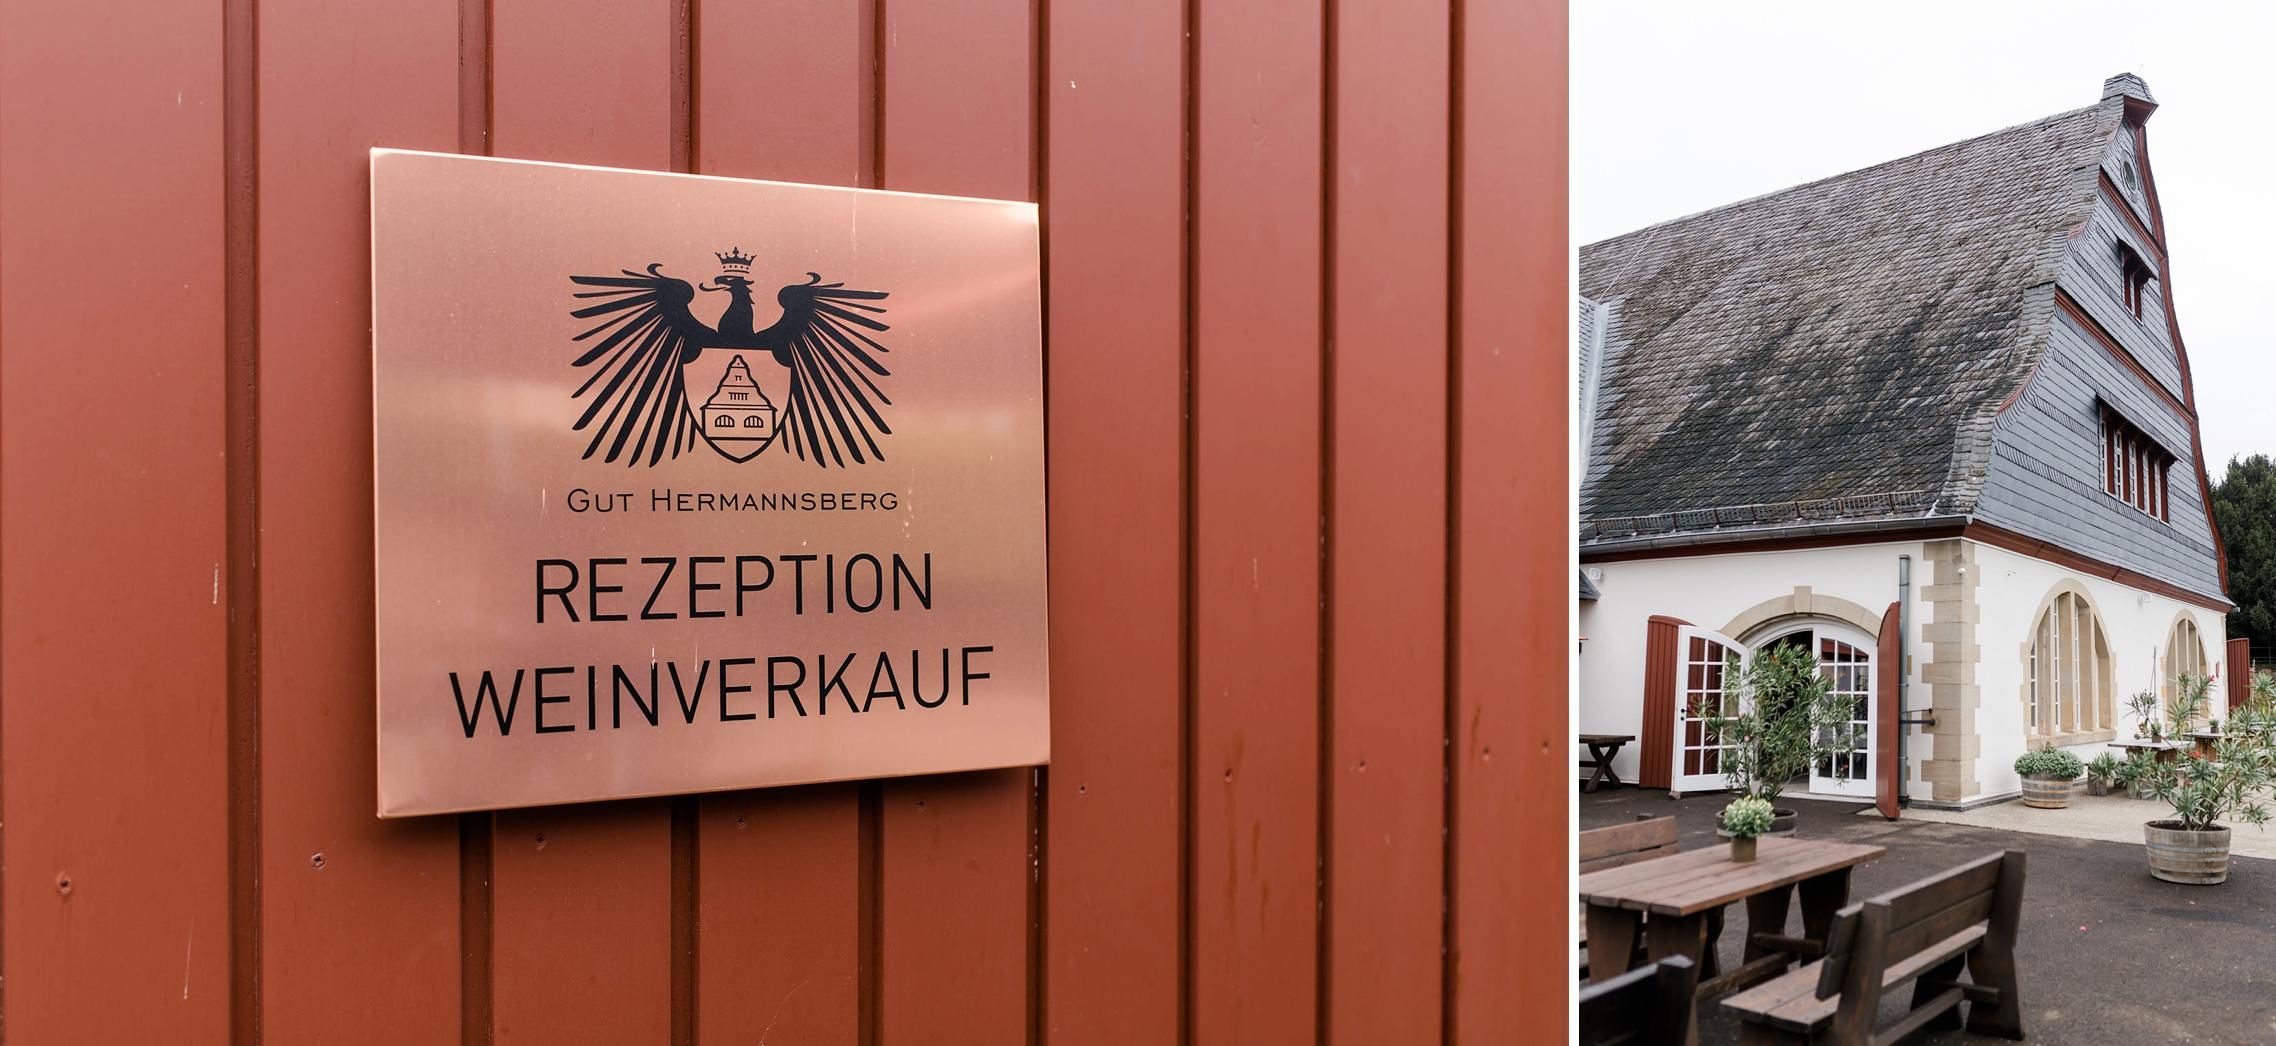 """Ein Schild aus Kupfer auf dem """"Gut Hermannsberg - Rezeption, Weinverkauf"""" steht, sowie das Hauptgebäude des Weingutes."""